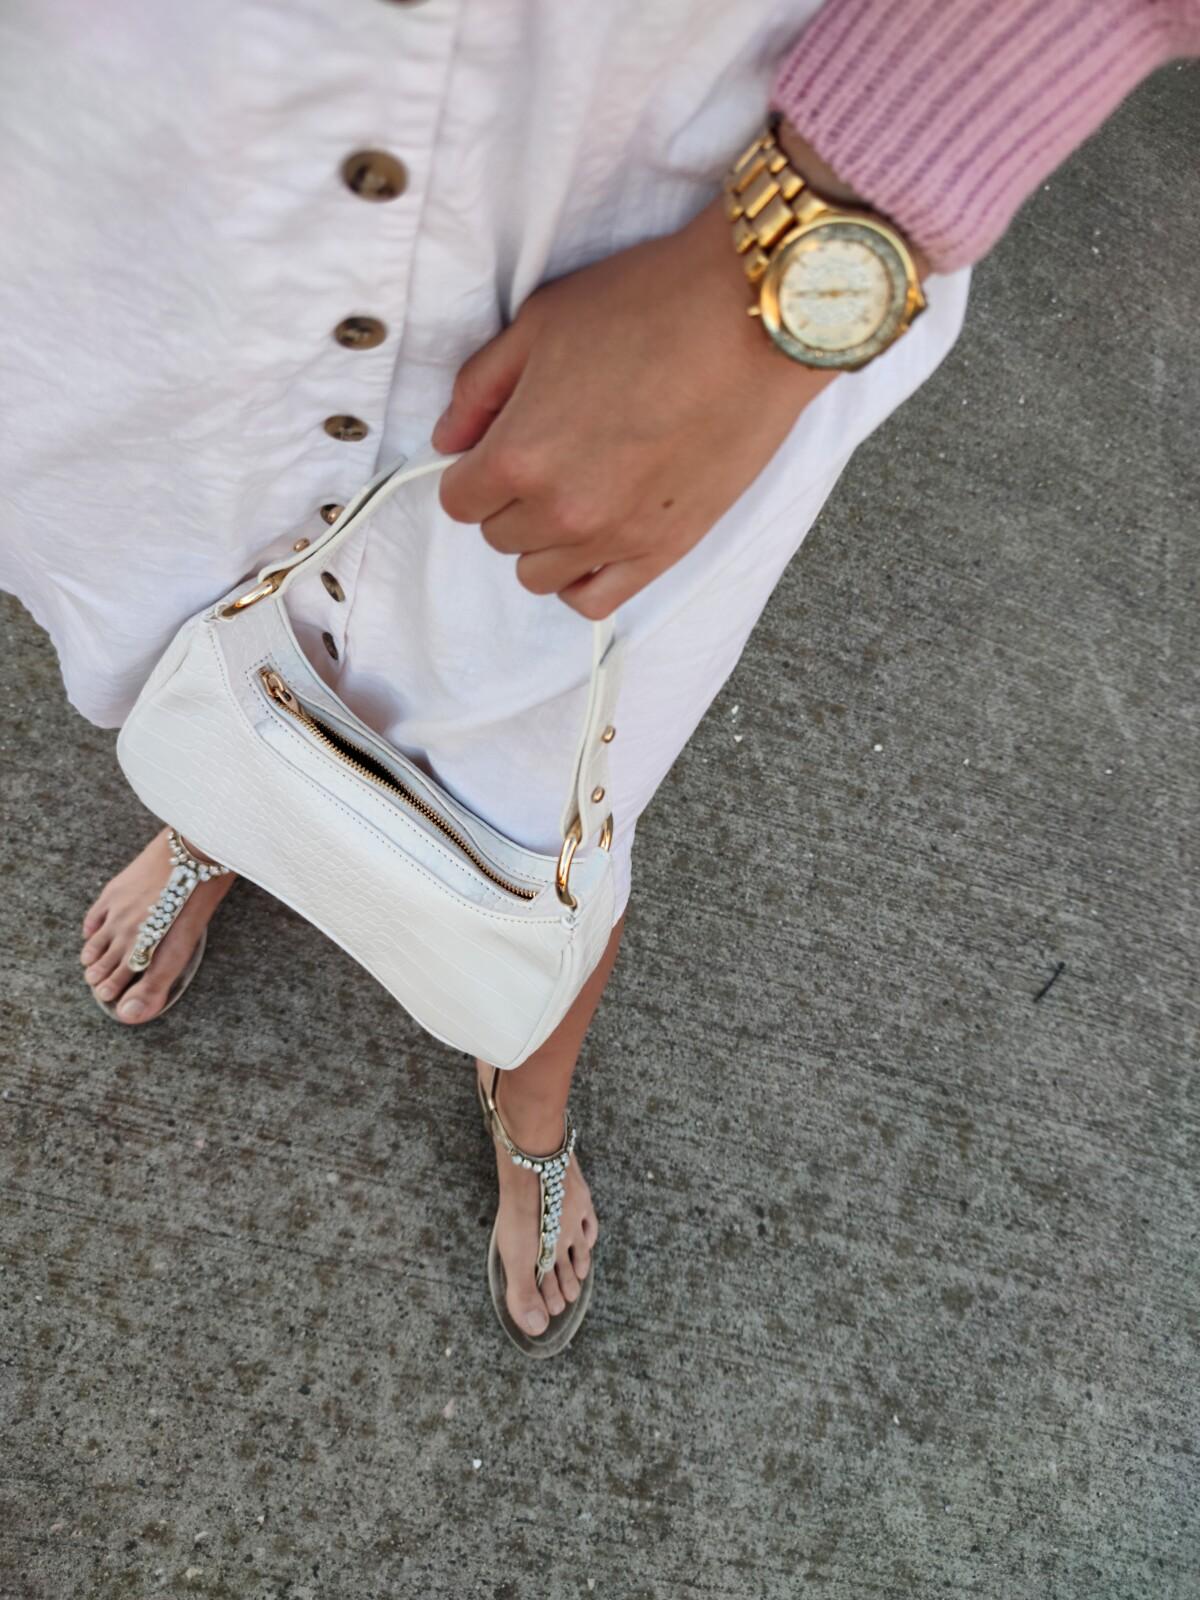 stil-mote-trend-outfit-antrekk-dagensantrekk-klær-trender-kjole-sommer-sommerantrekk-hennesogmaurtiz-nellycom-nelly-dagensoutfit-sommeroutfit-newin-shopping-isalicious-isalicious1-isalicious.blogg.no-